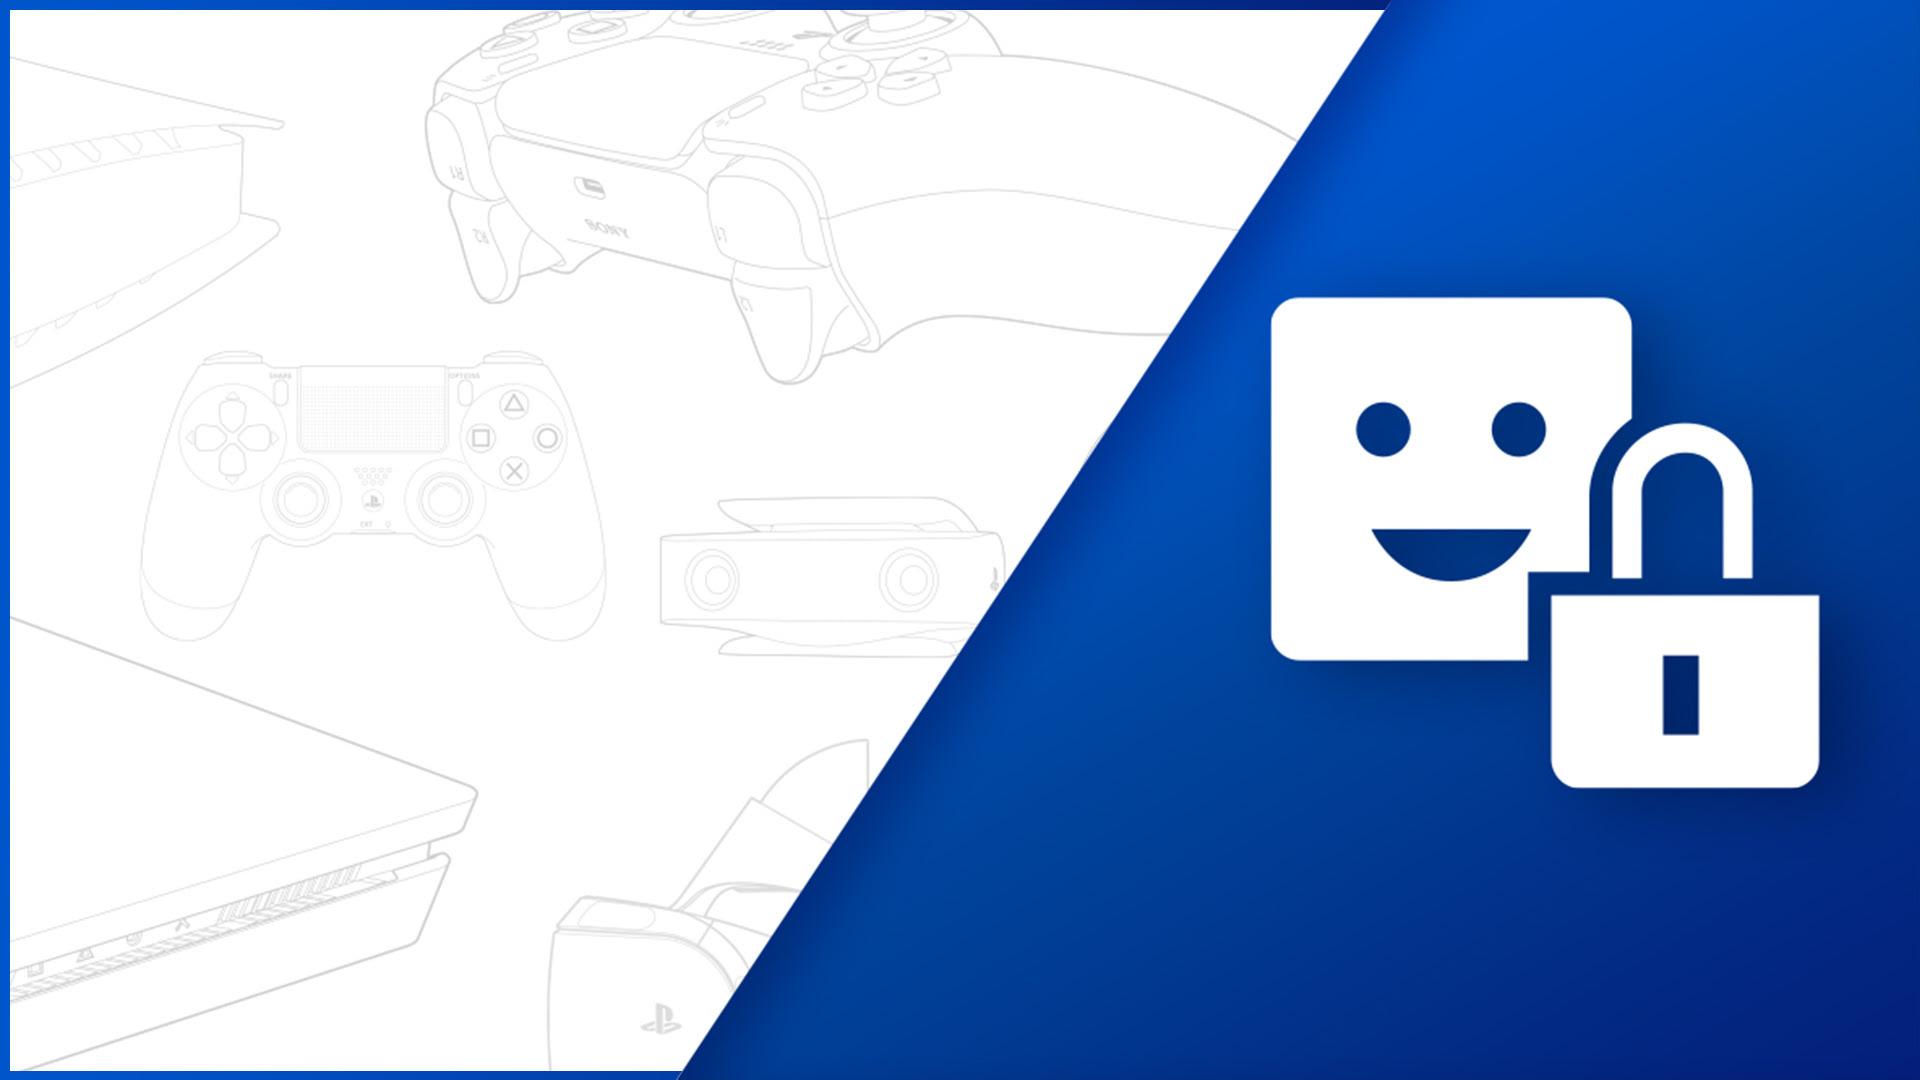 Sony impegnata per rendere l'esperienza online sicura